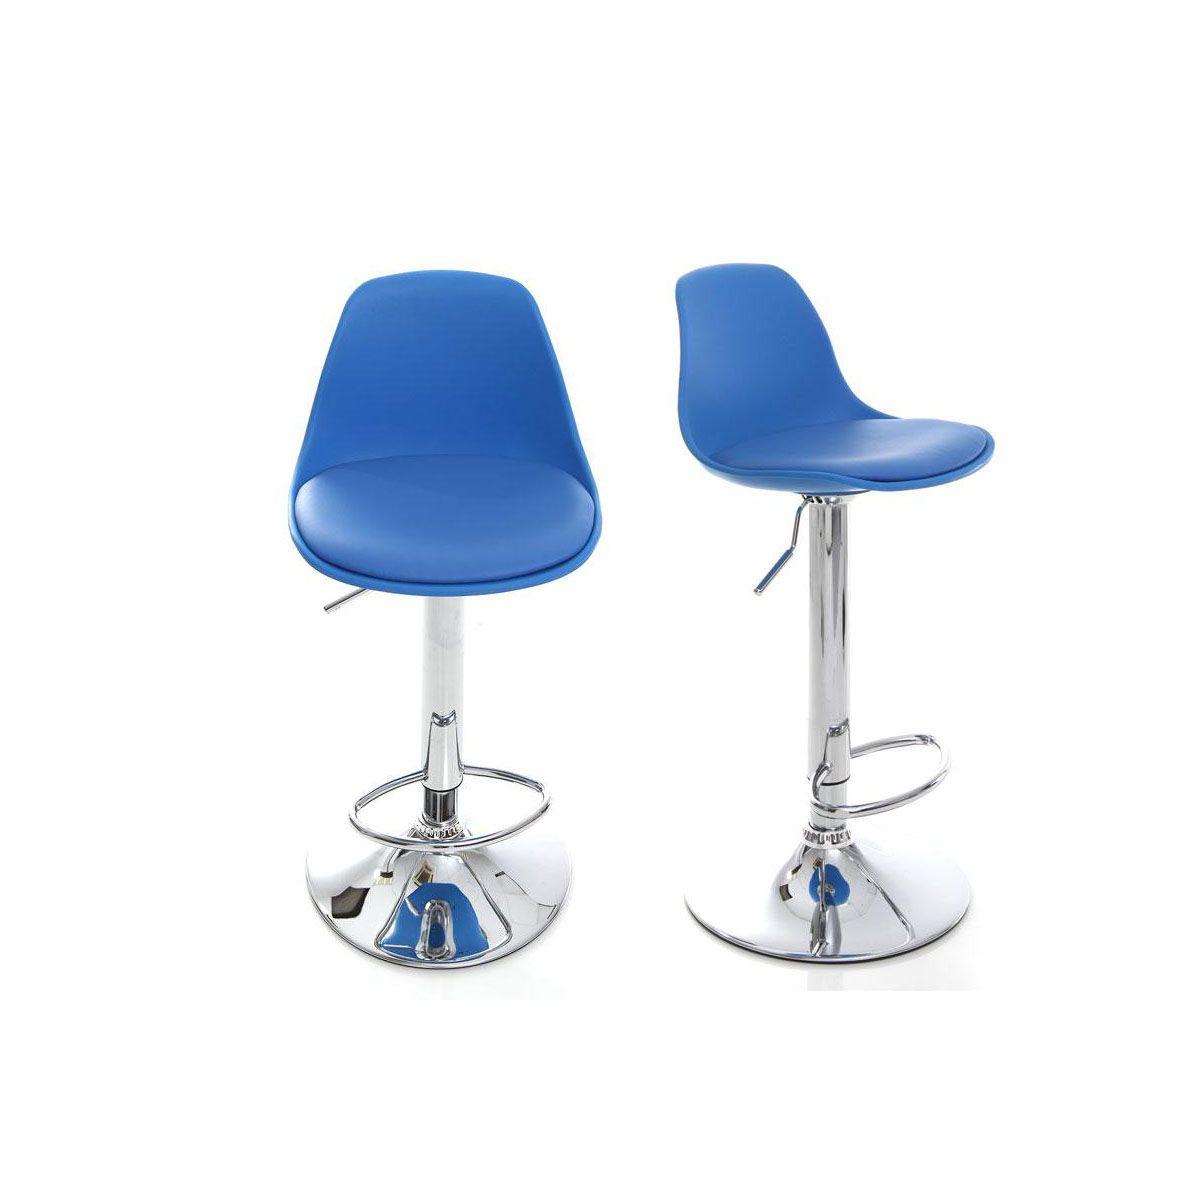 Dove acquistare Gruppo di 2 sgabelli da bar design colore blu STEEVY